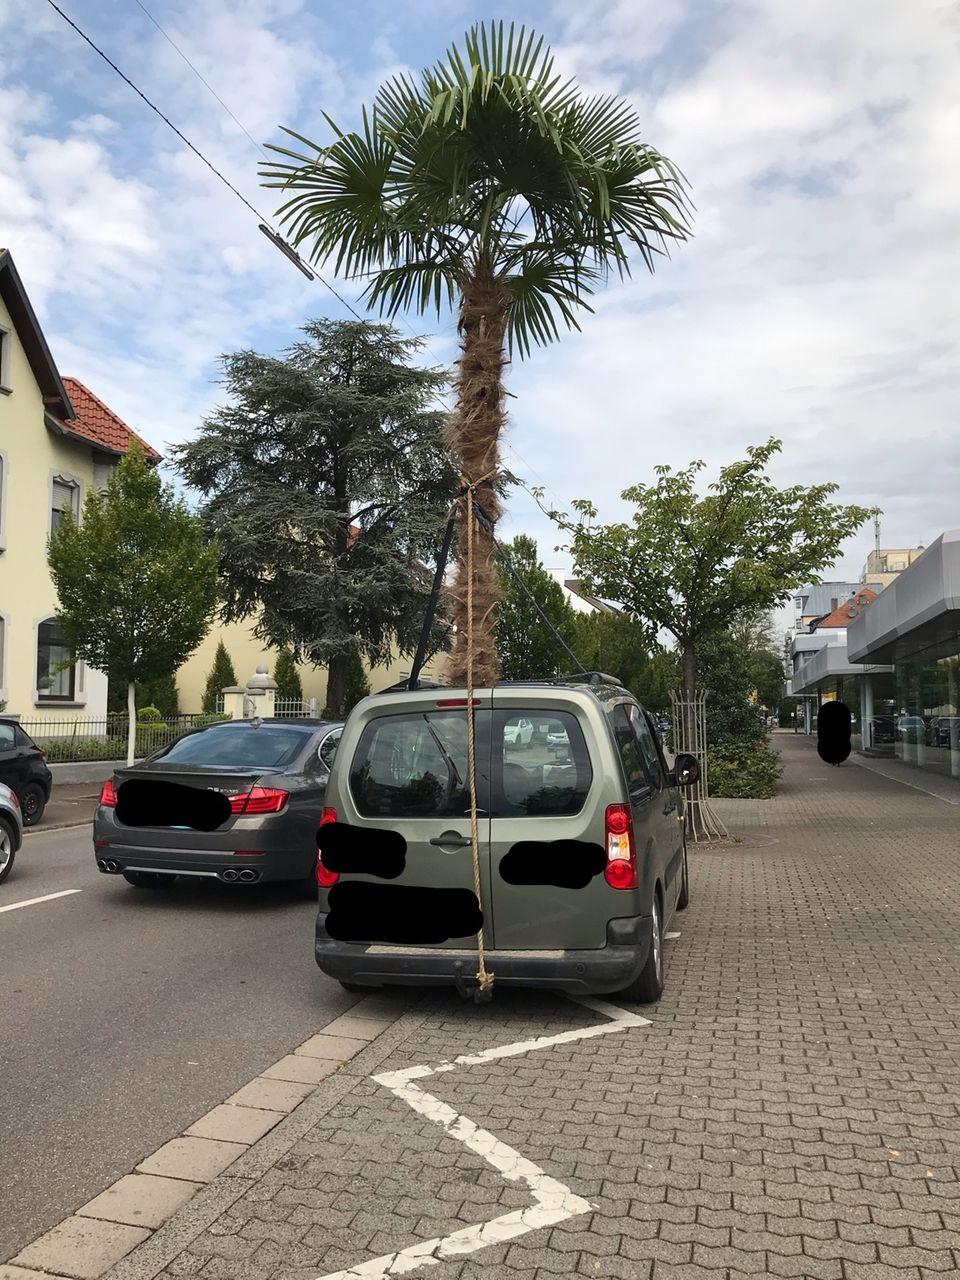 Nachrichten aus Deutschland – Saarländer transportiert meterhohe Palme im Auto